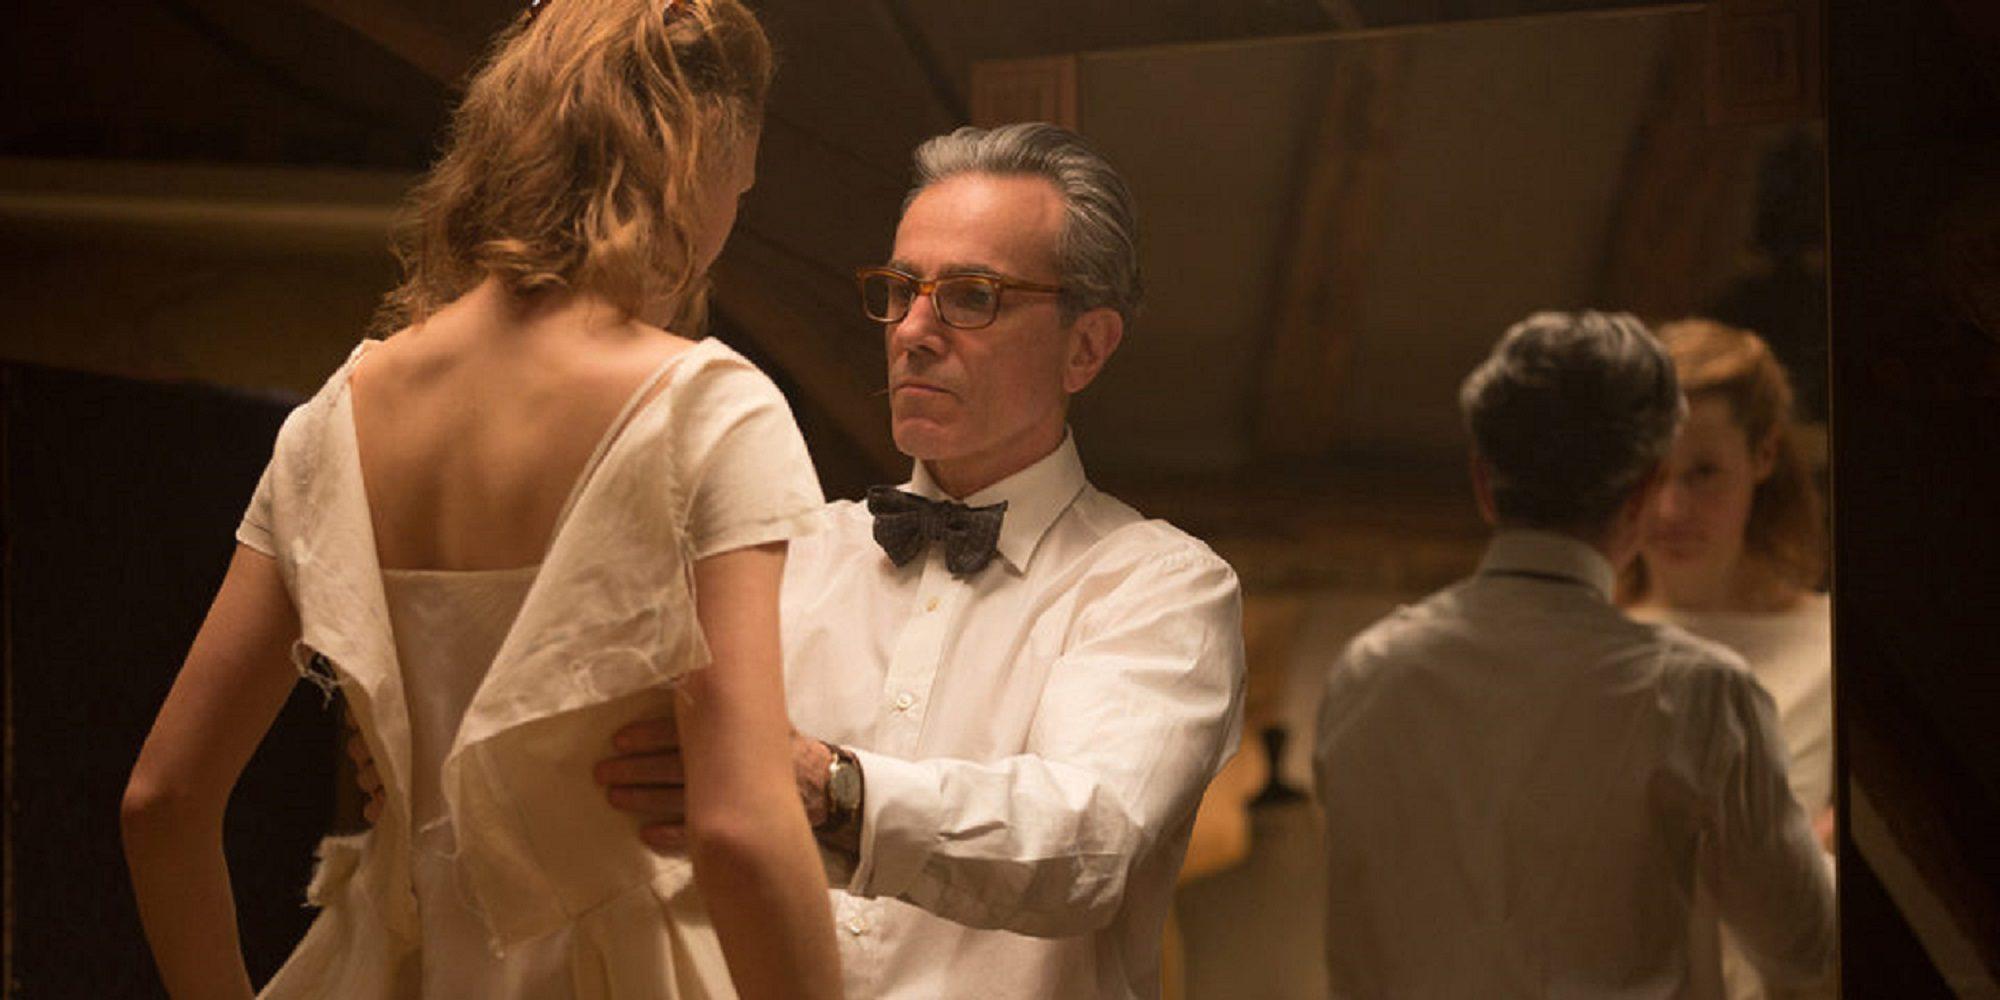 'El hilo invisible' y 'El cuaderno de Sara', protagonistas de los estrenos de cine de la semana